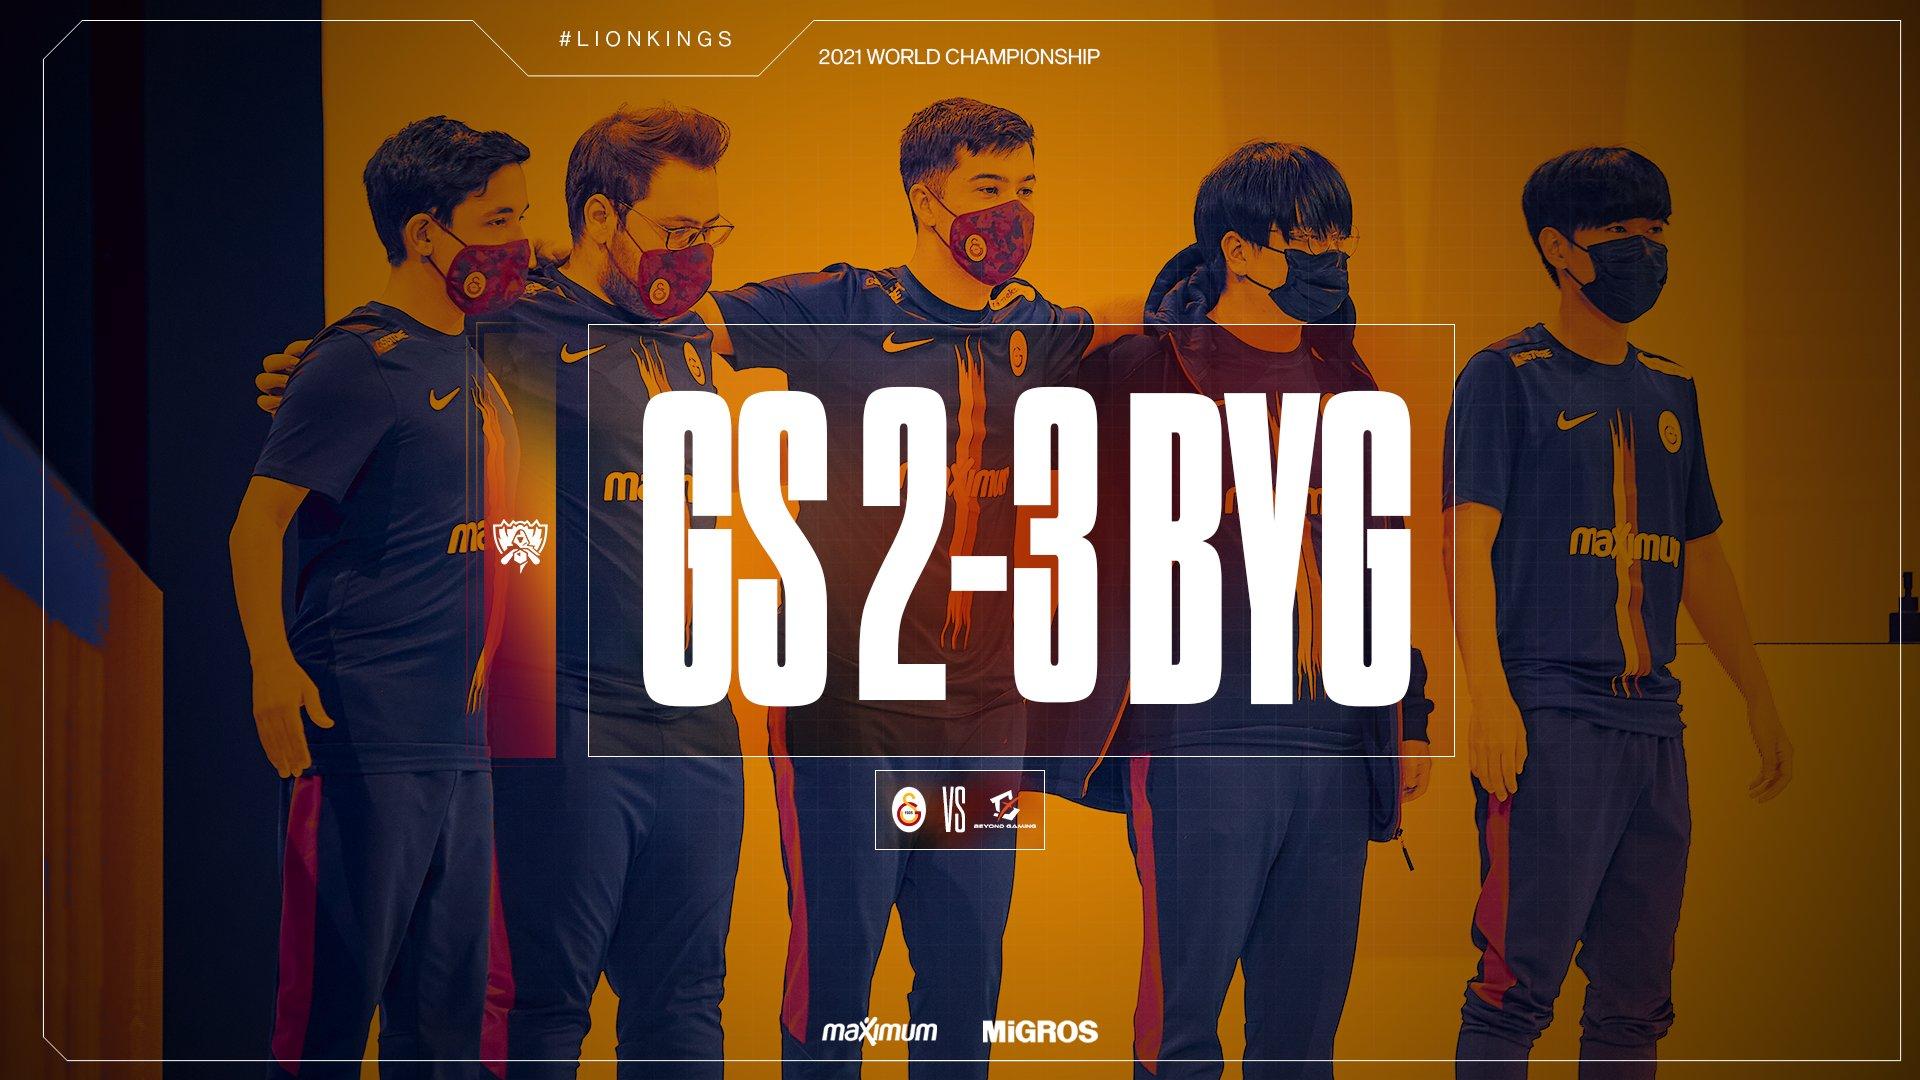 Temsilcimiz Galatasaray'ın 2021 Dünya Şampiyonası yolculuğu sona erdi